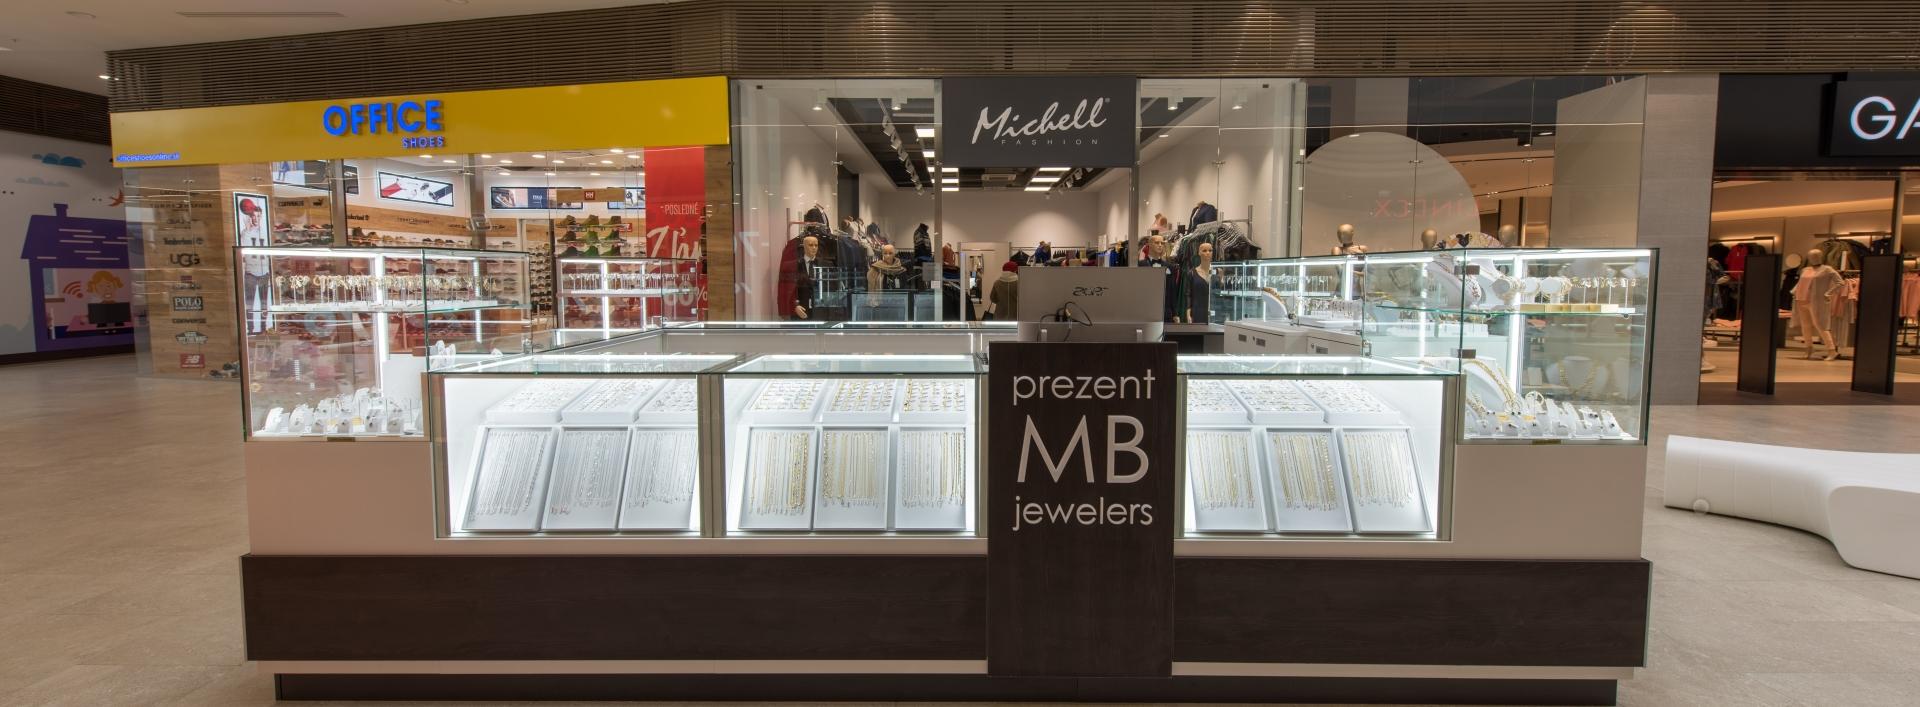 68b82ab3b prezent mb | Eperia - Shopping mall